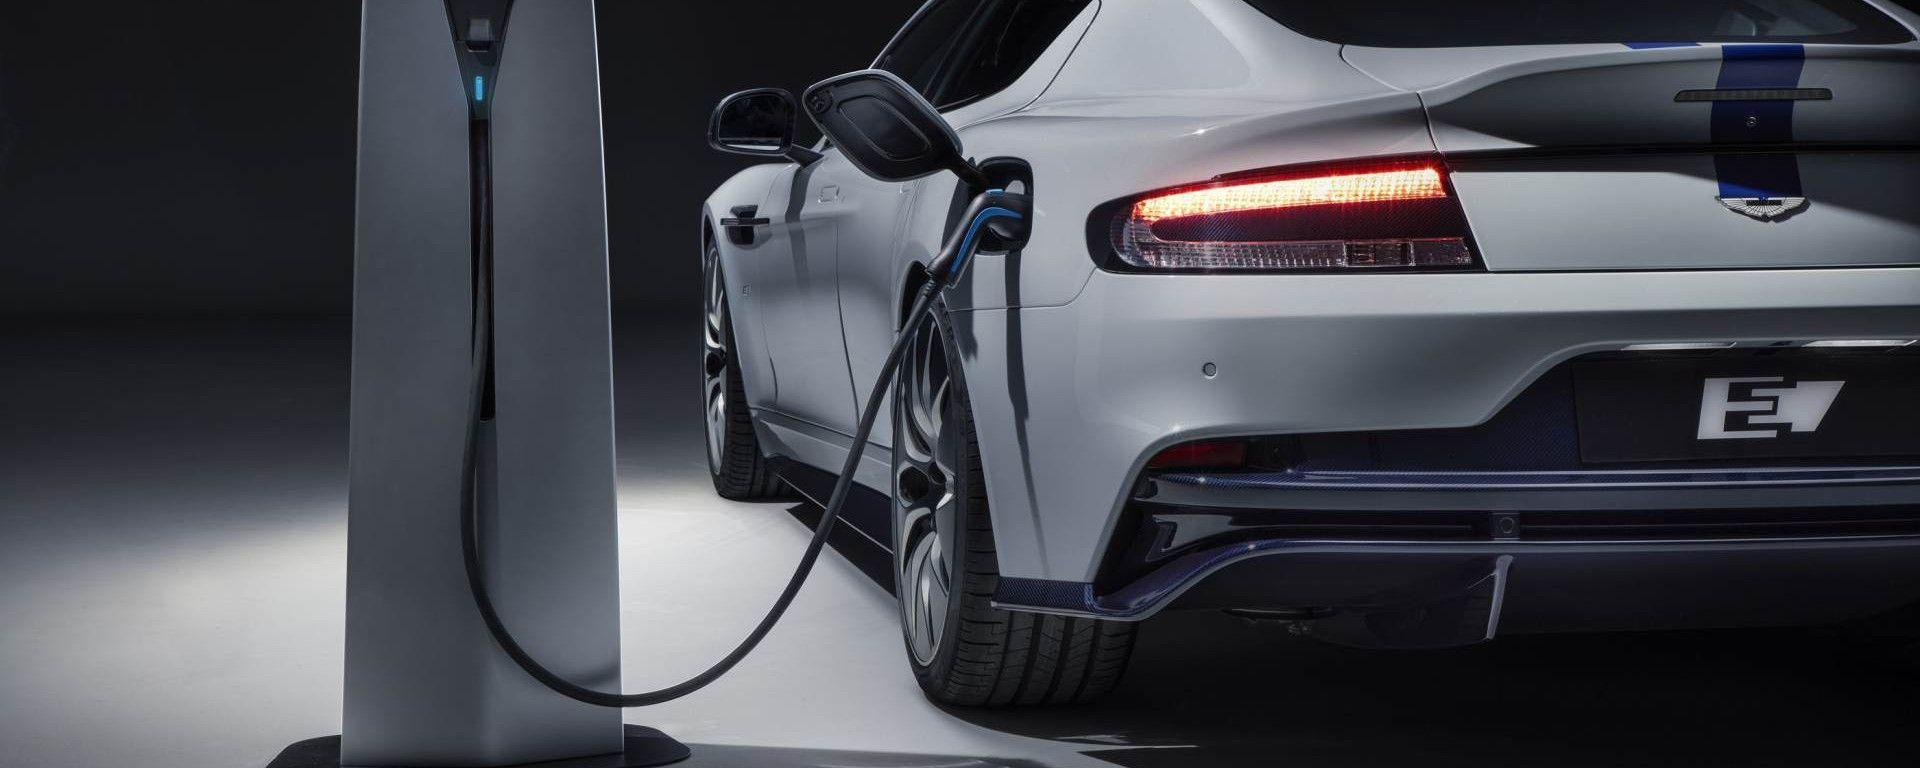 Aston Martin, riprendono i progetti del primo modello full electric